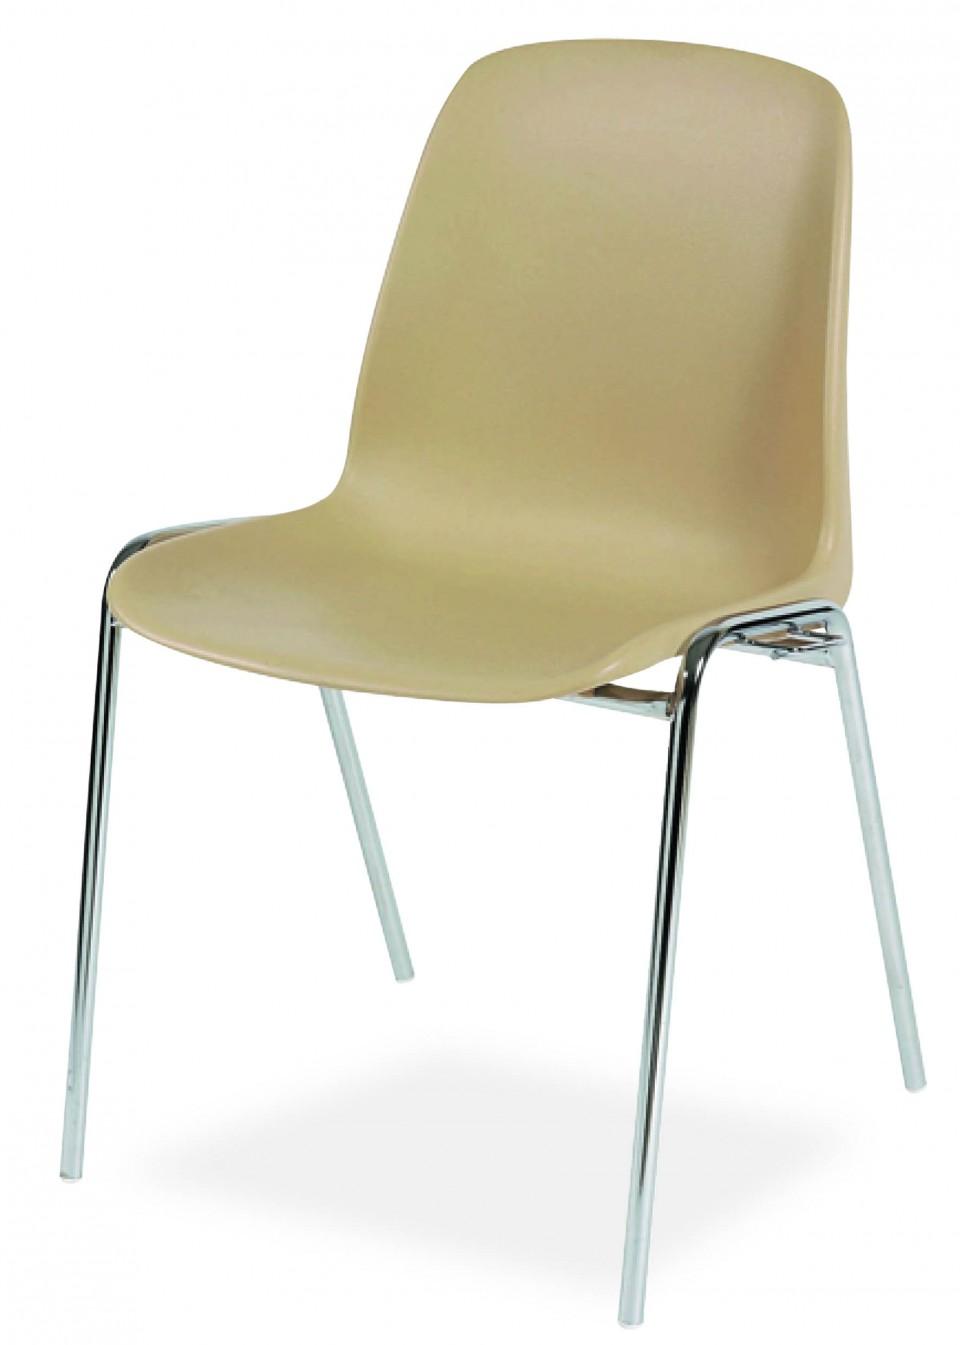 chaise de collectivit plastica achat chaise pour collectivite votre mobilier collectivite. Black Bedroom Furniture Sets. Home Design Ideas